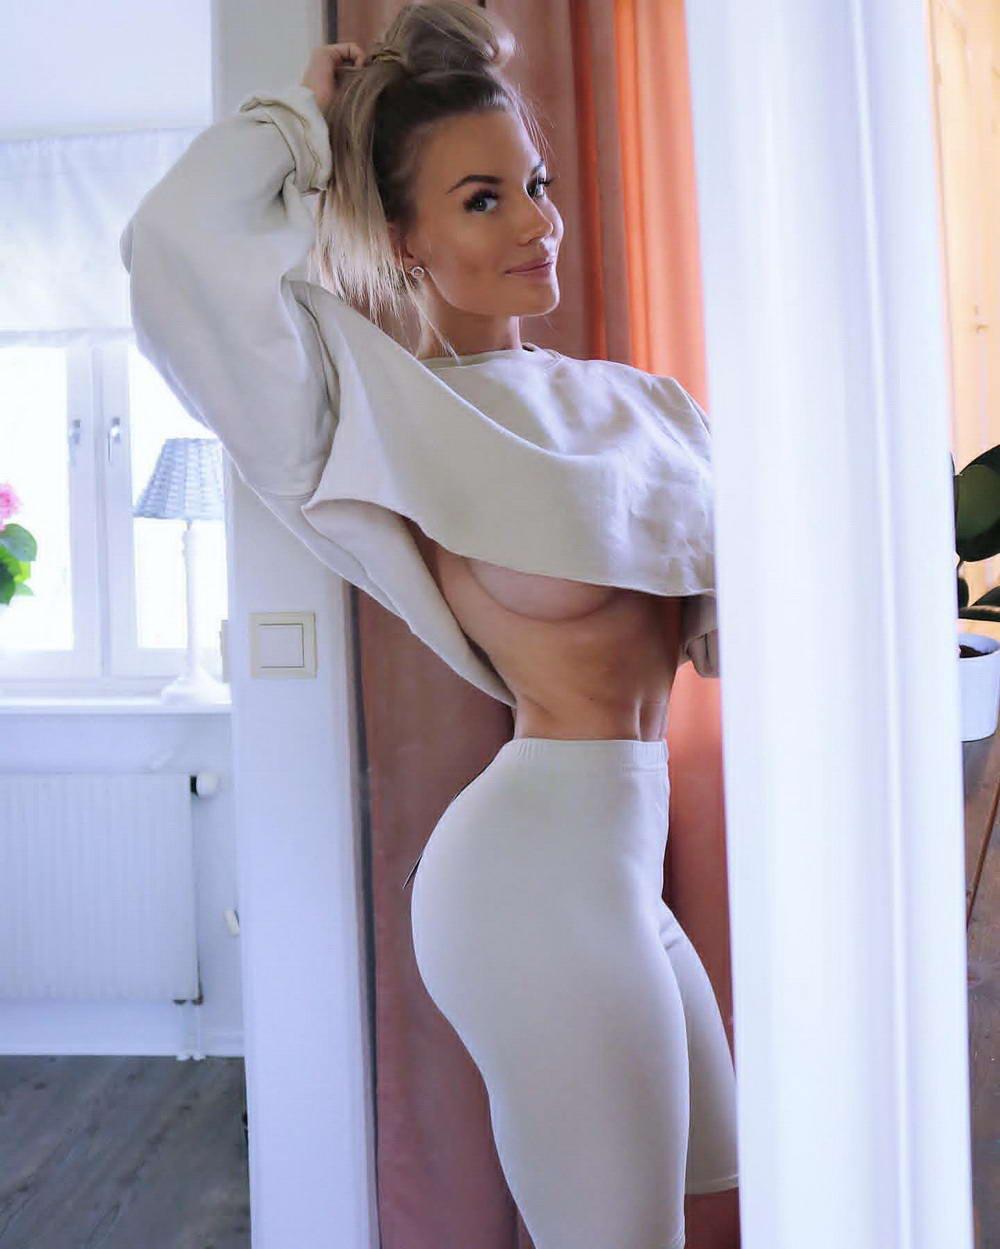 Самые эффектные девушки в стиле underboob (43 фото) 41